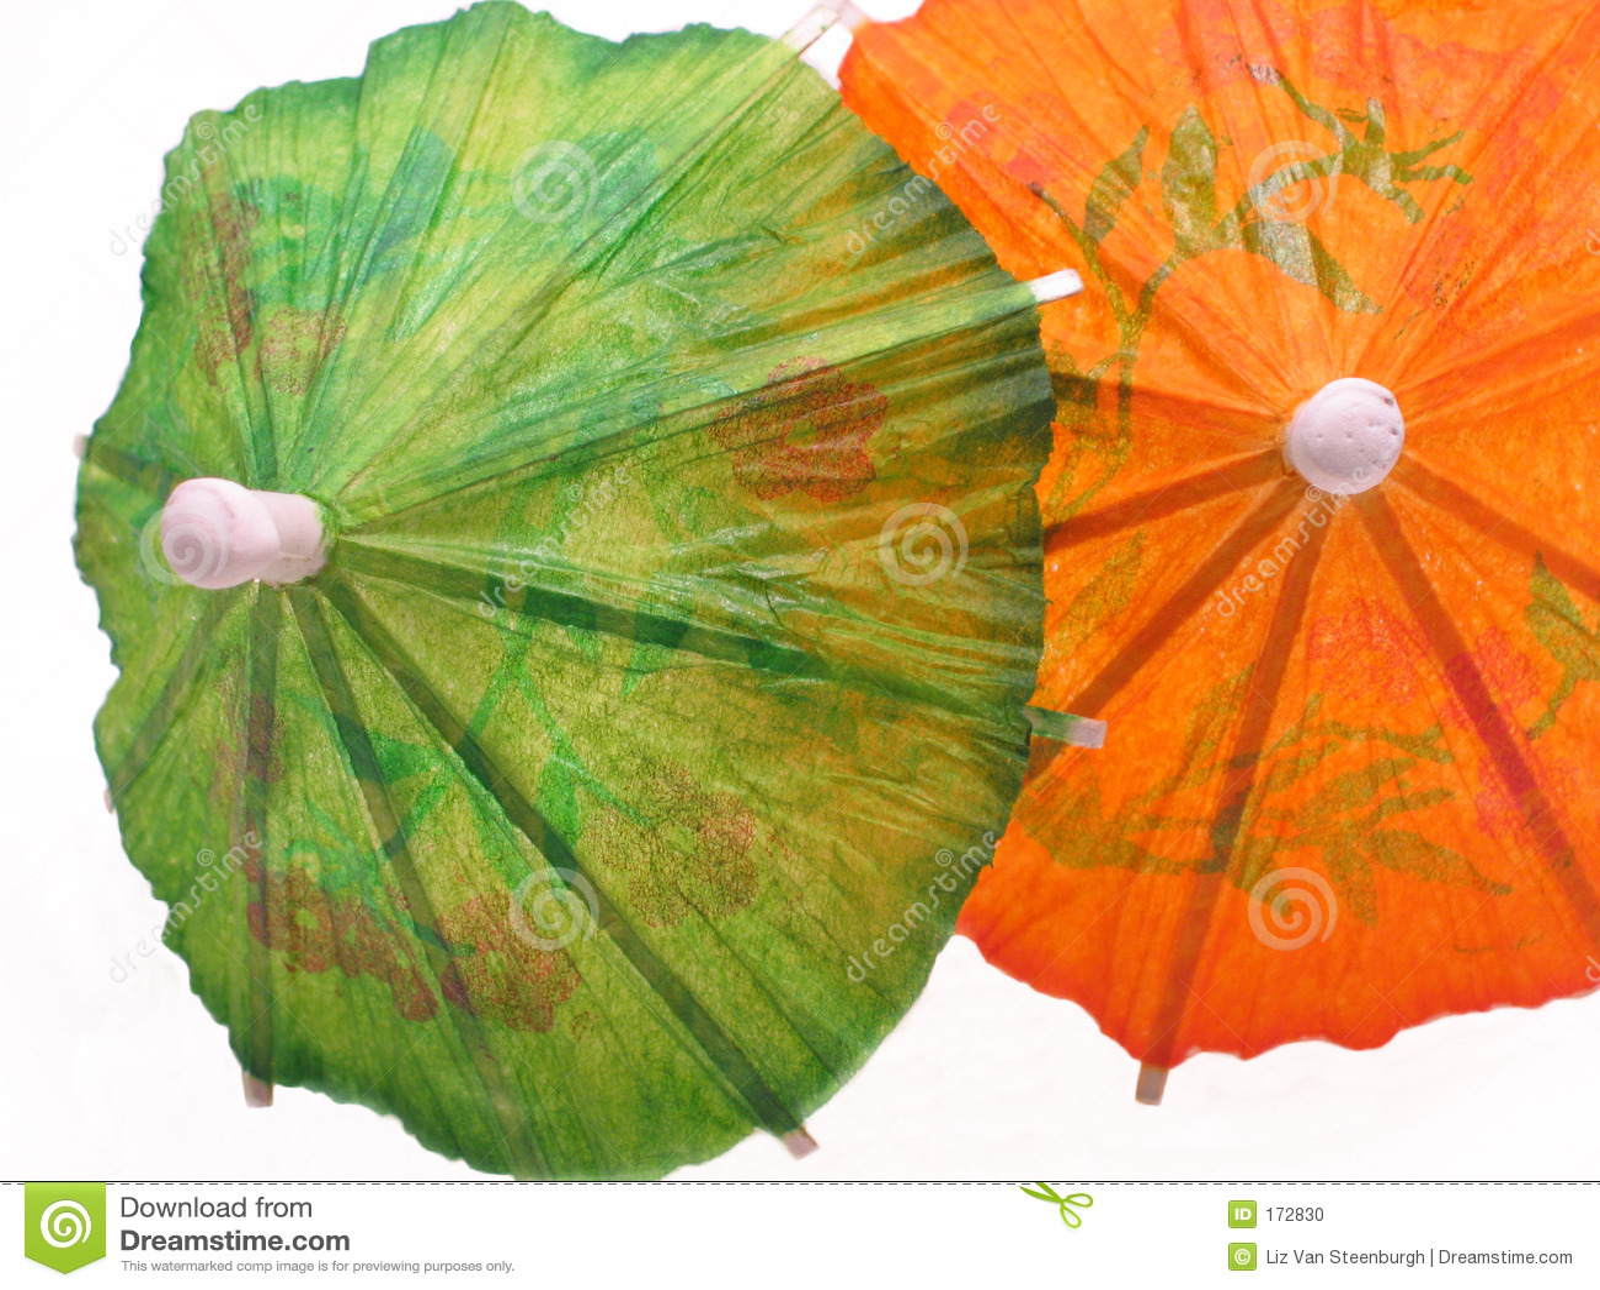 Cocktail Umbrellas